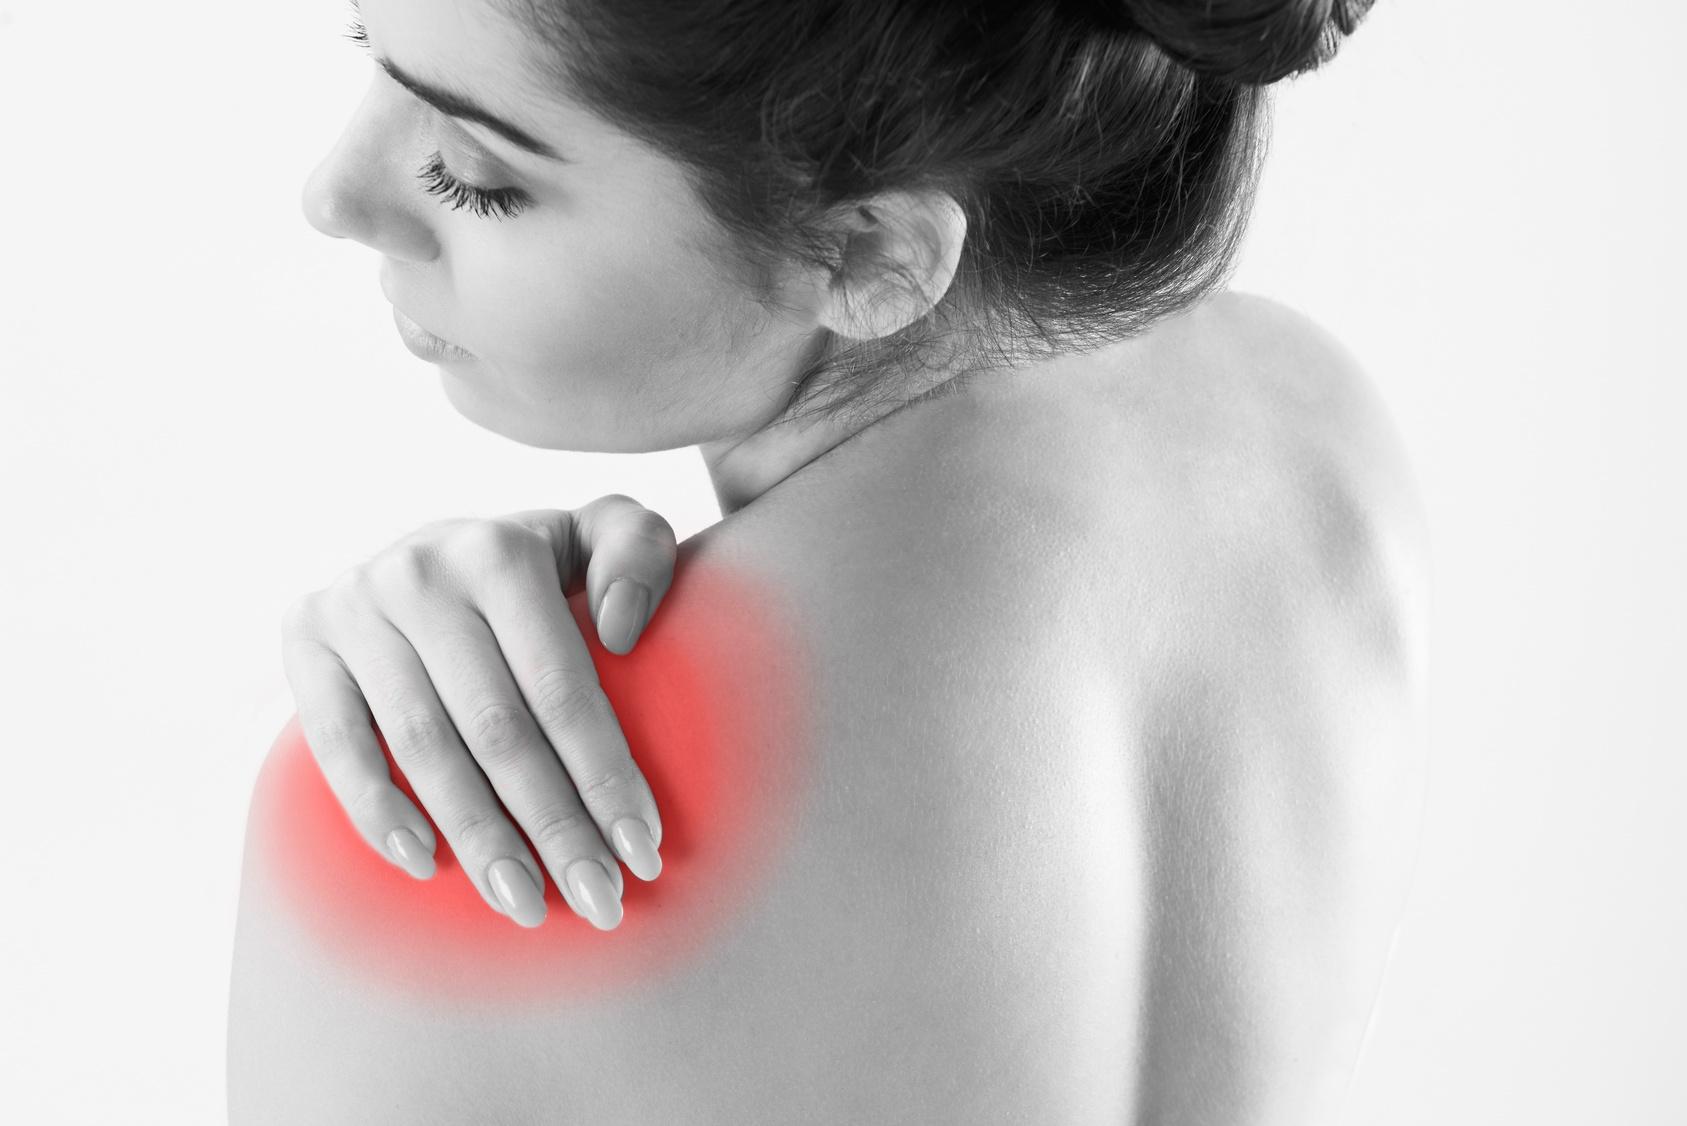 Terapia del dolore presso il nostro centro